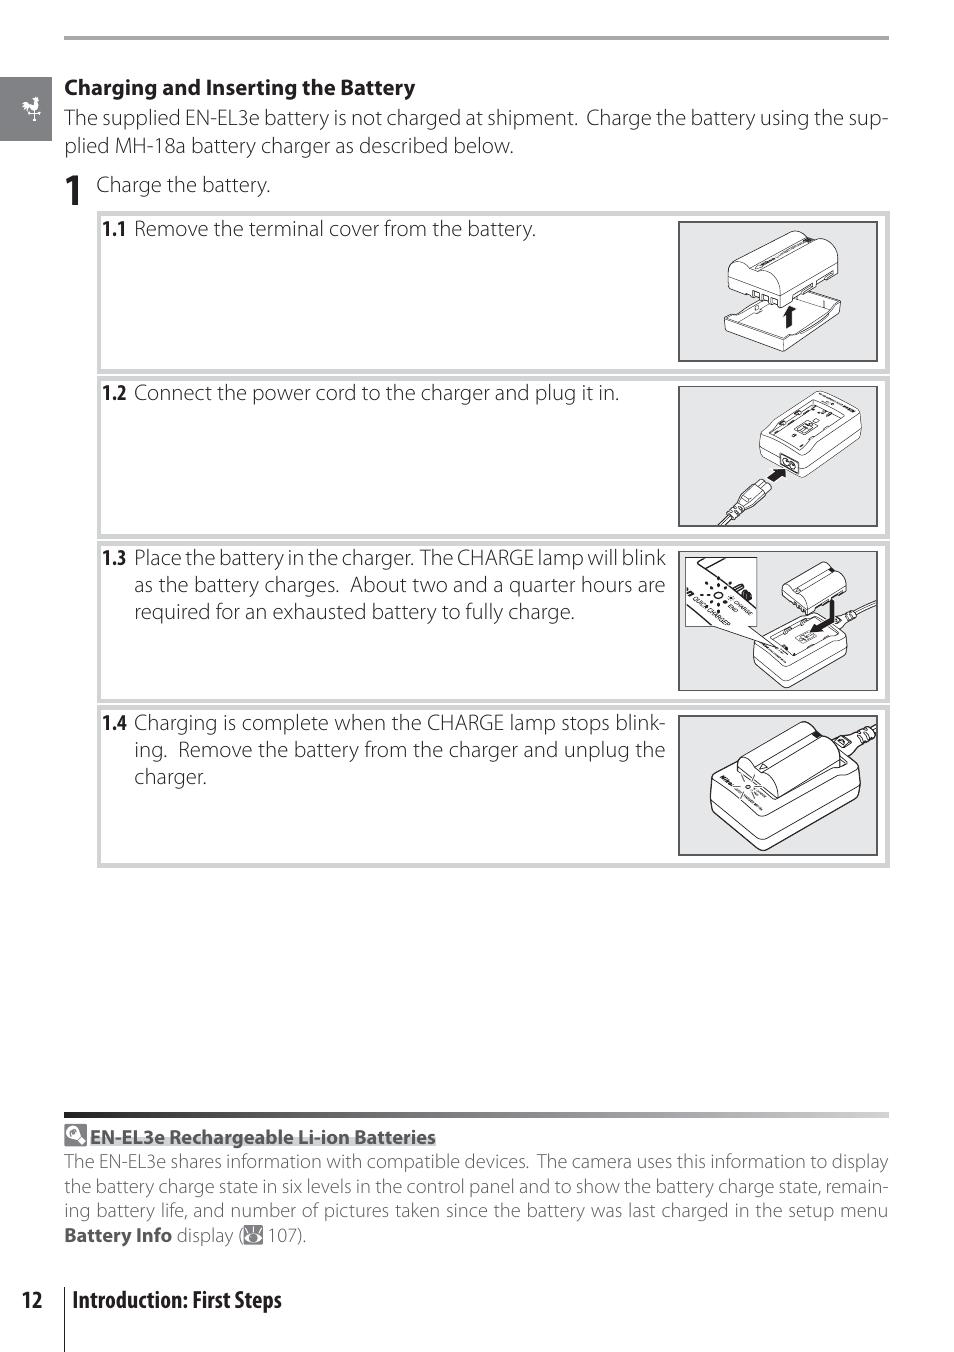 D80 User Manual